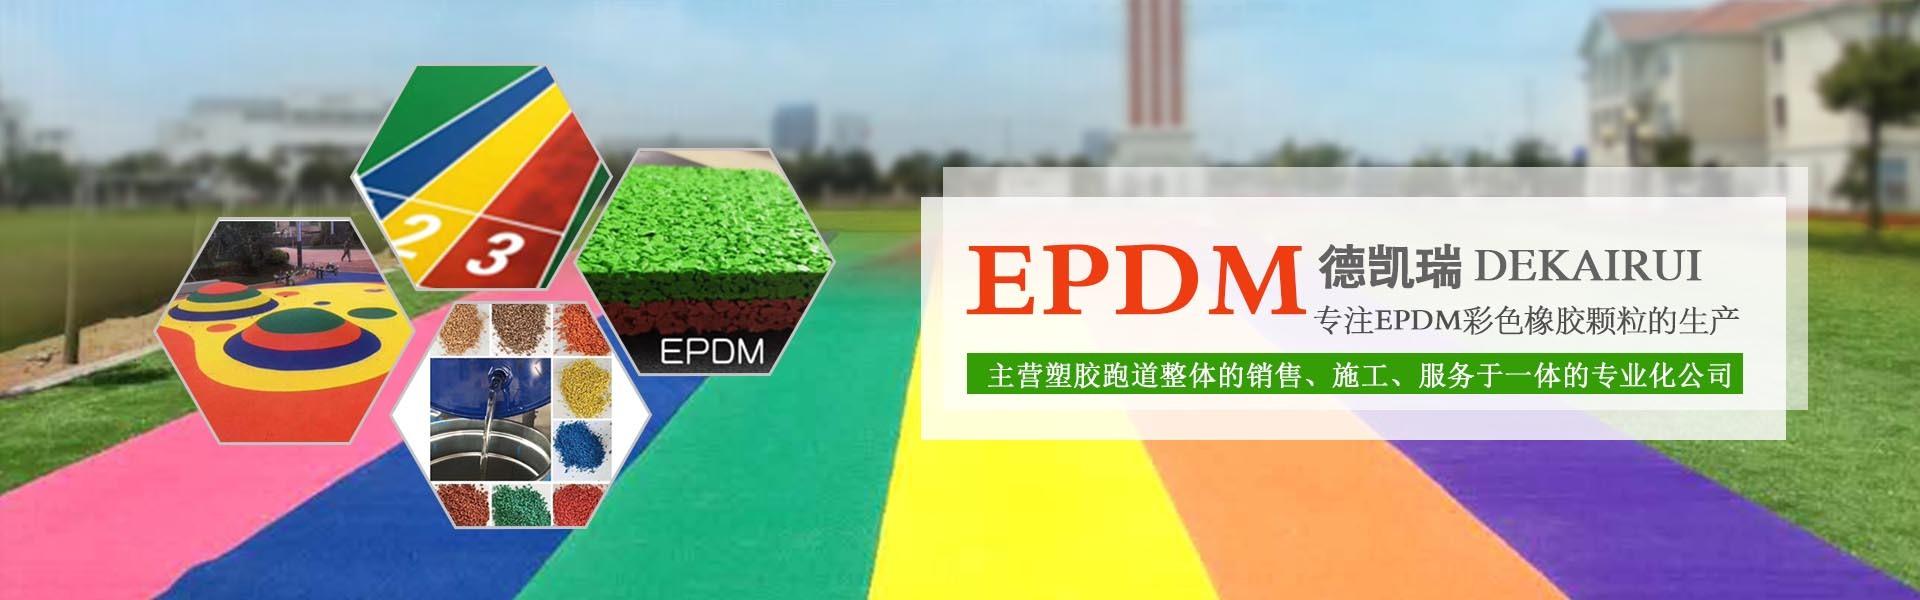 兰州EPDM颗粒